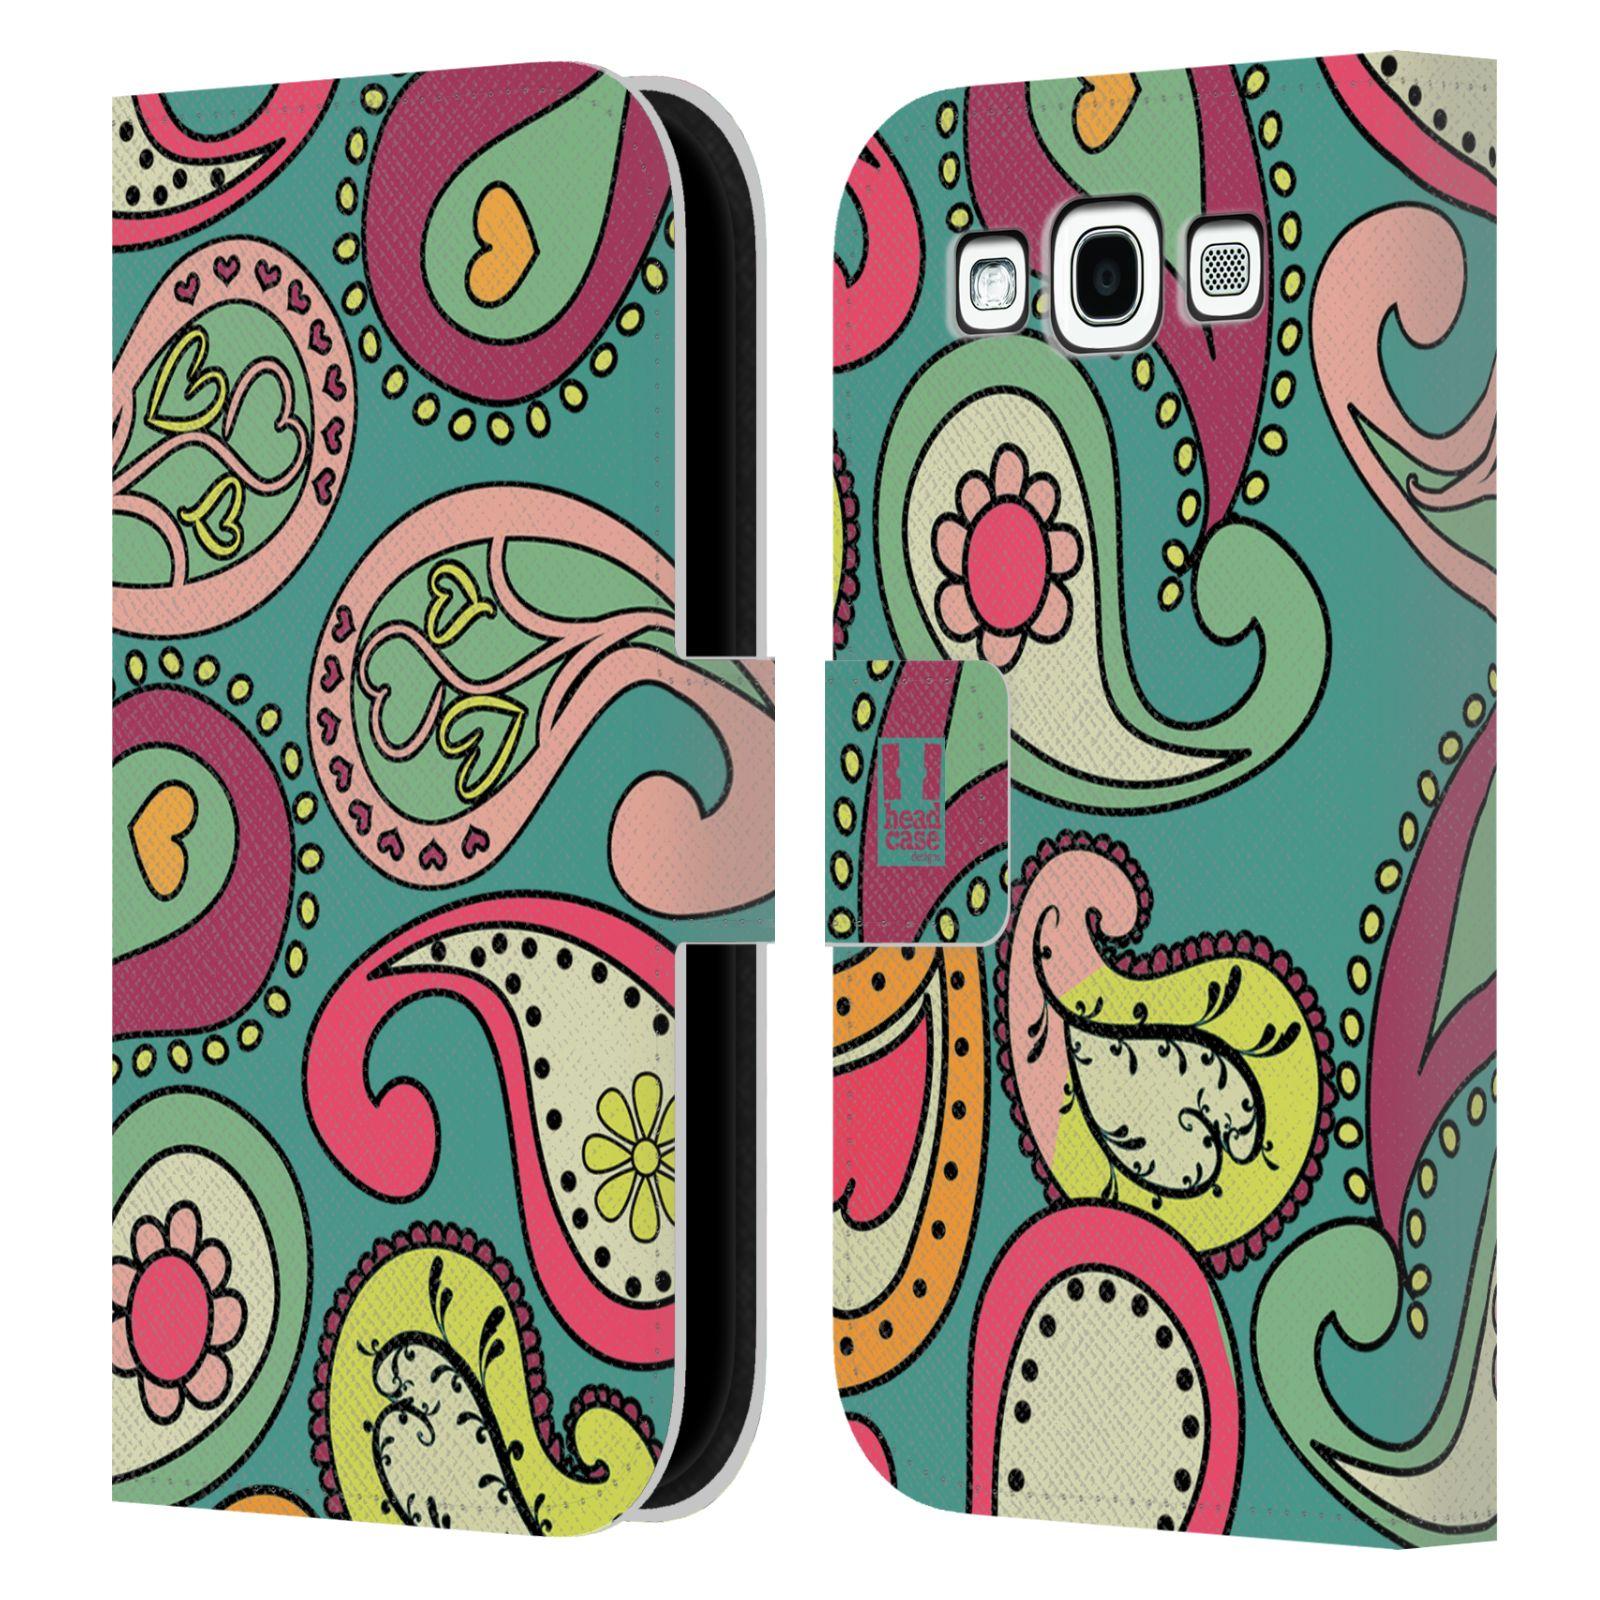 HEAD CASE Flipové pouzdro pro mobil Samsung Galaxy S3 barevné slzy tyrkysová